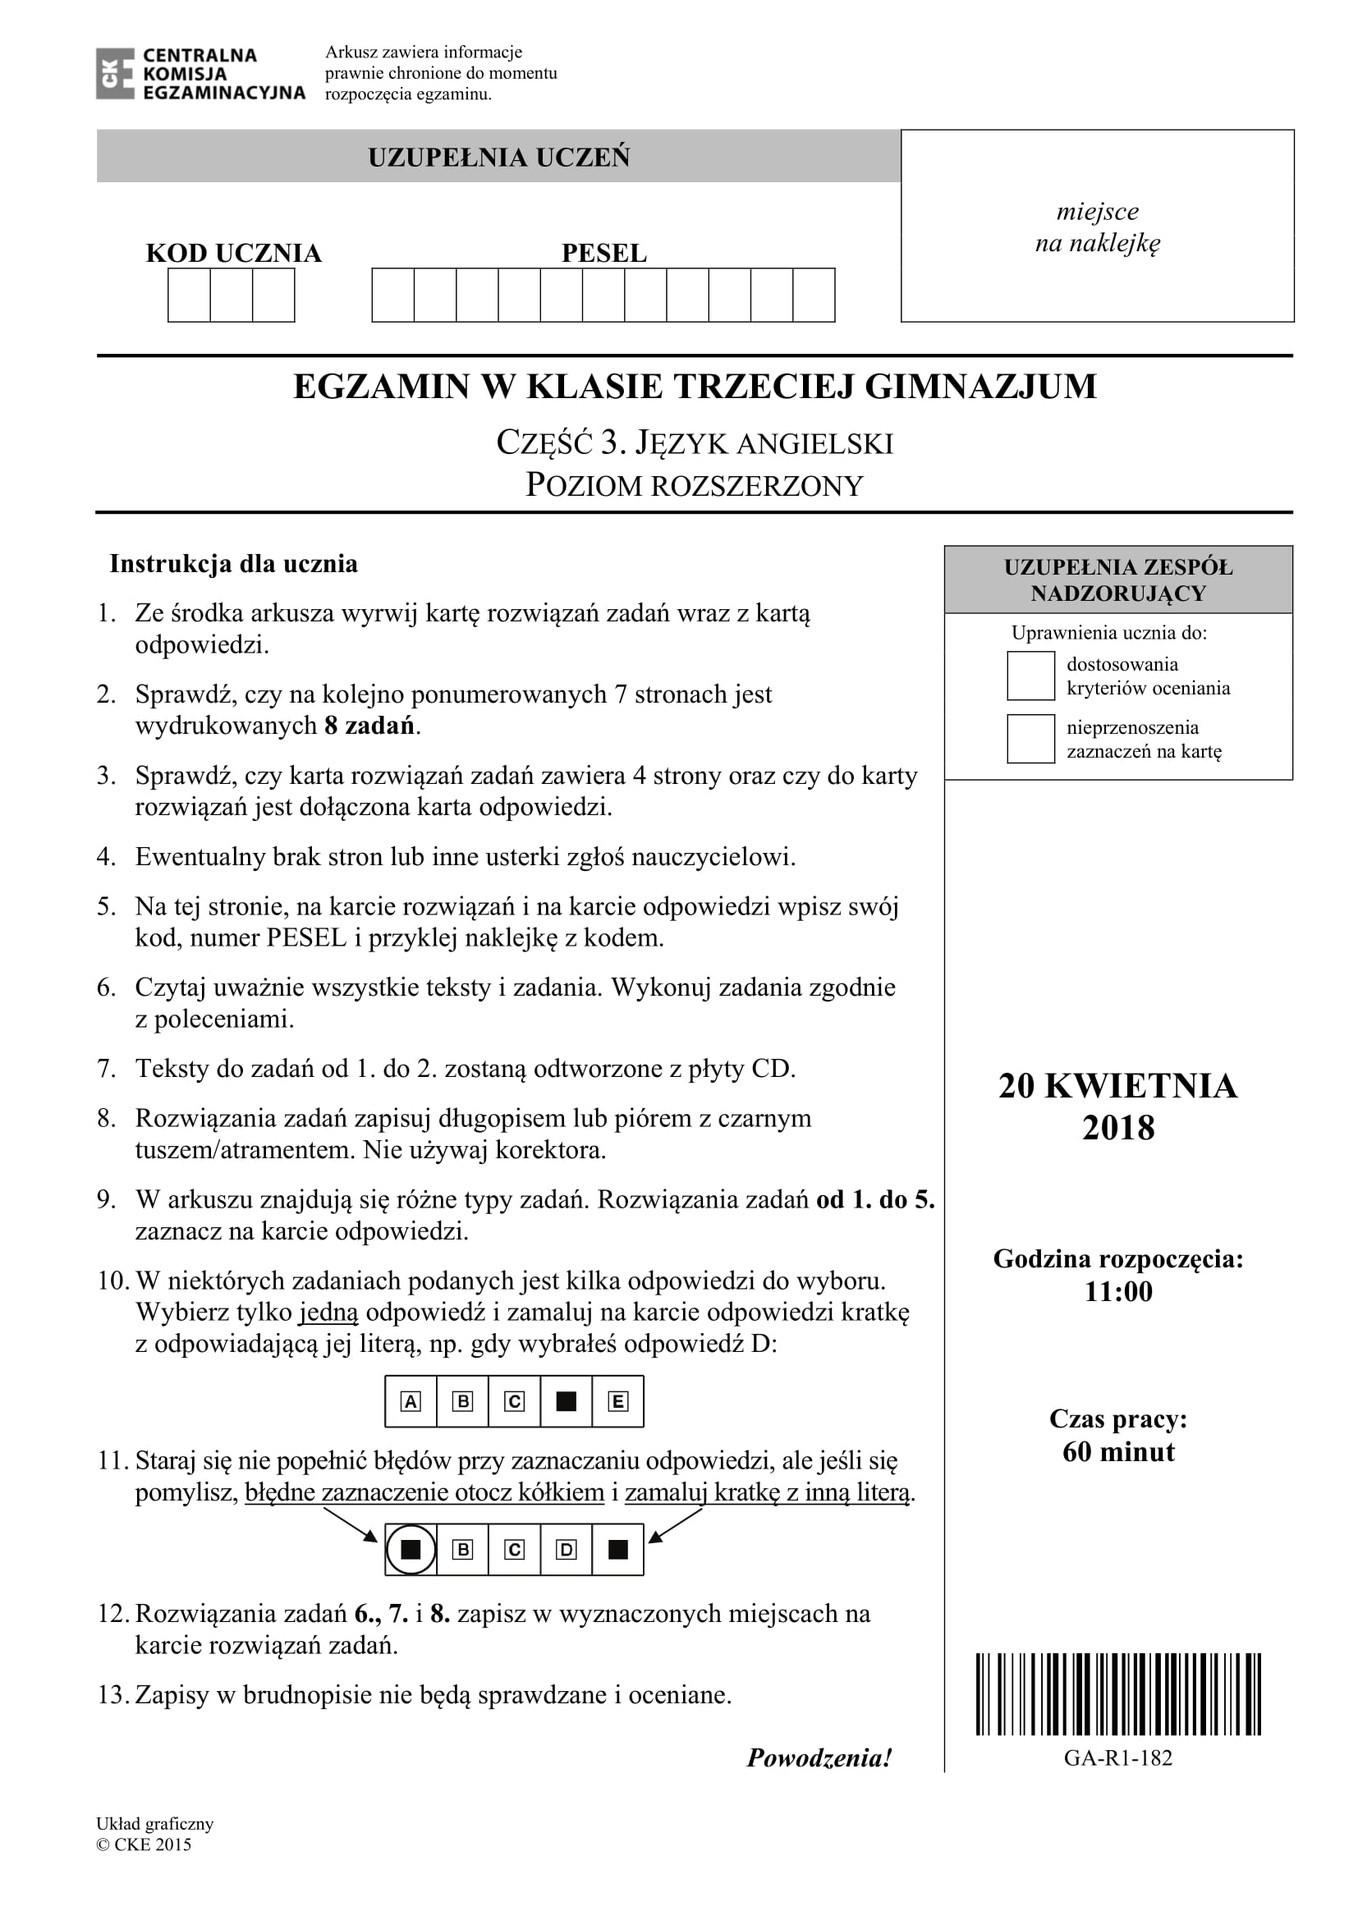 e4020408c0 Również egzamin z angielskiego na poziomie rozszerzonym krakowscy uczniowie  uznali za łatwy. Jak dodawali